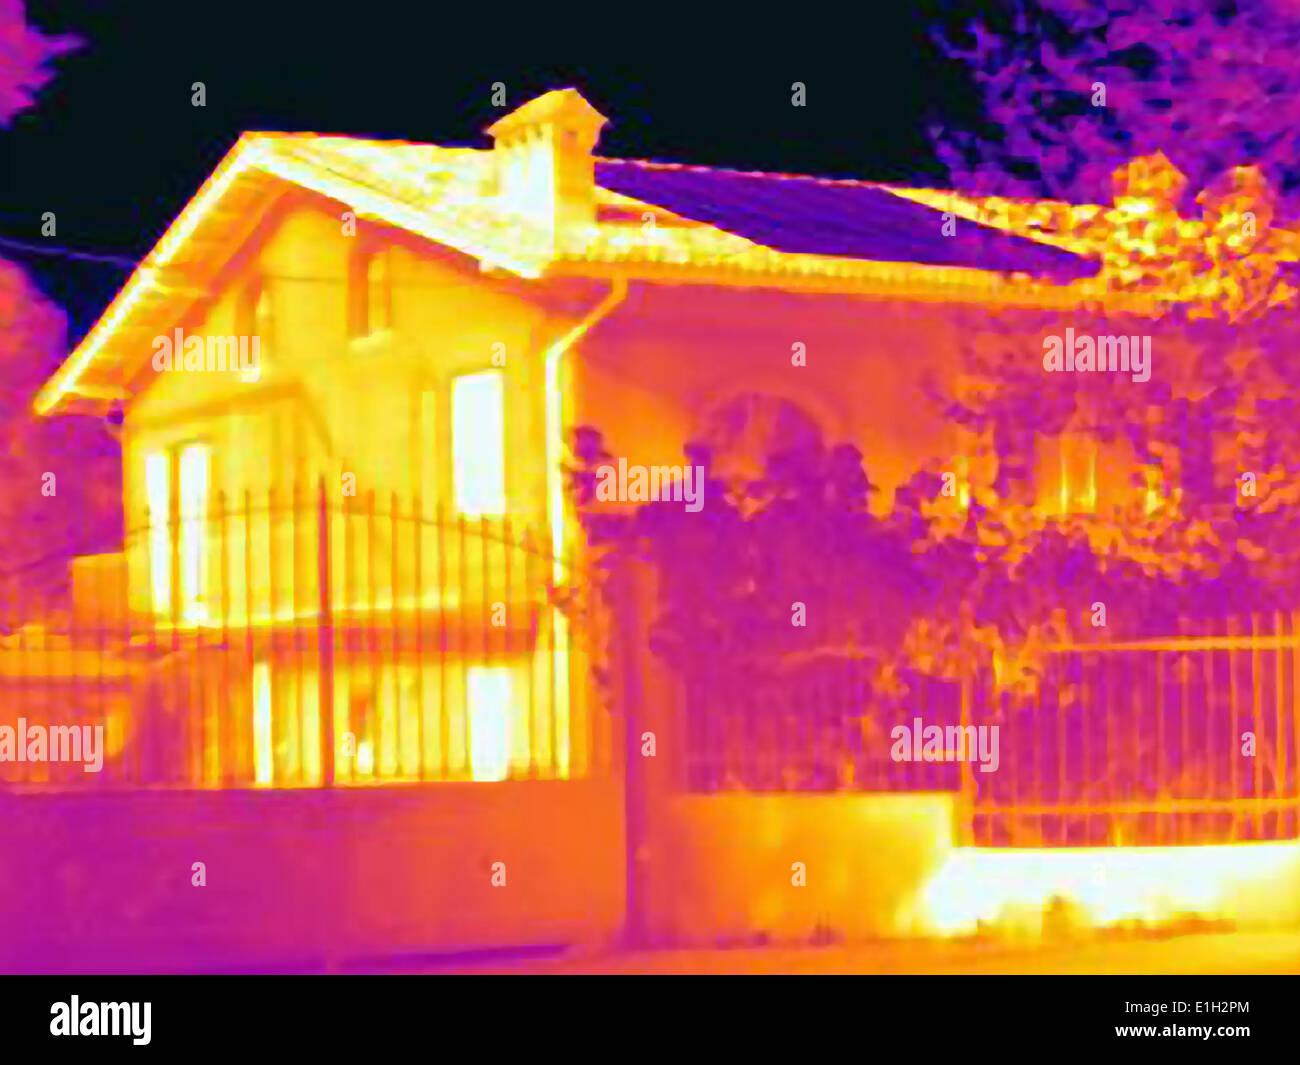 Immagine termica di una casa con celle solari sul tetto Immagini Stock